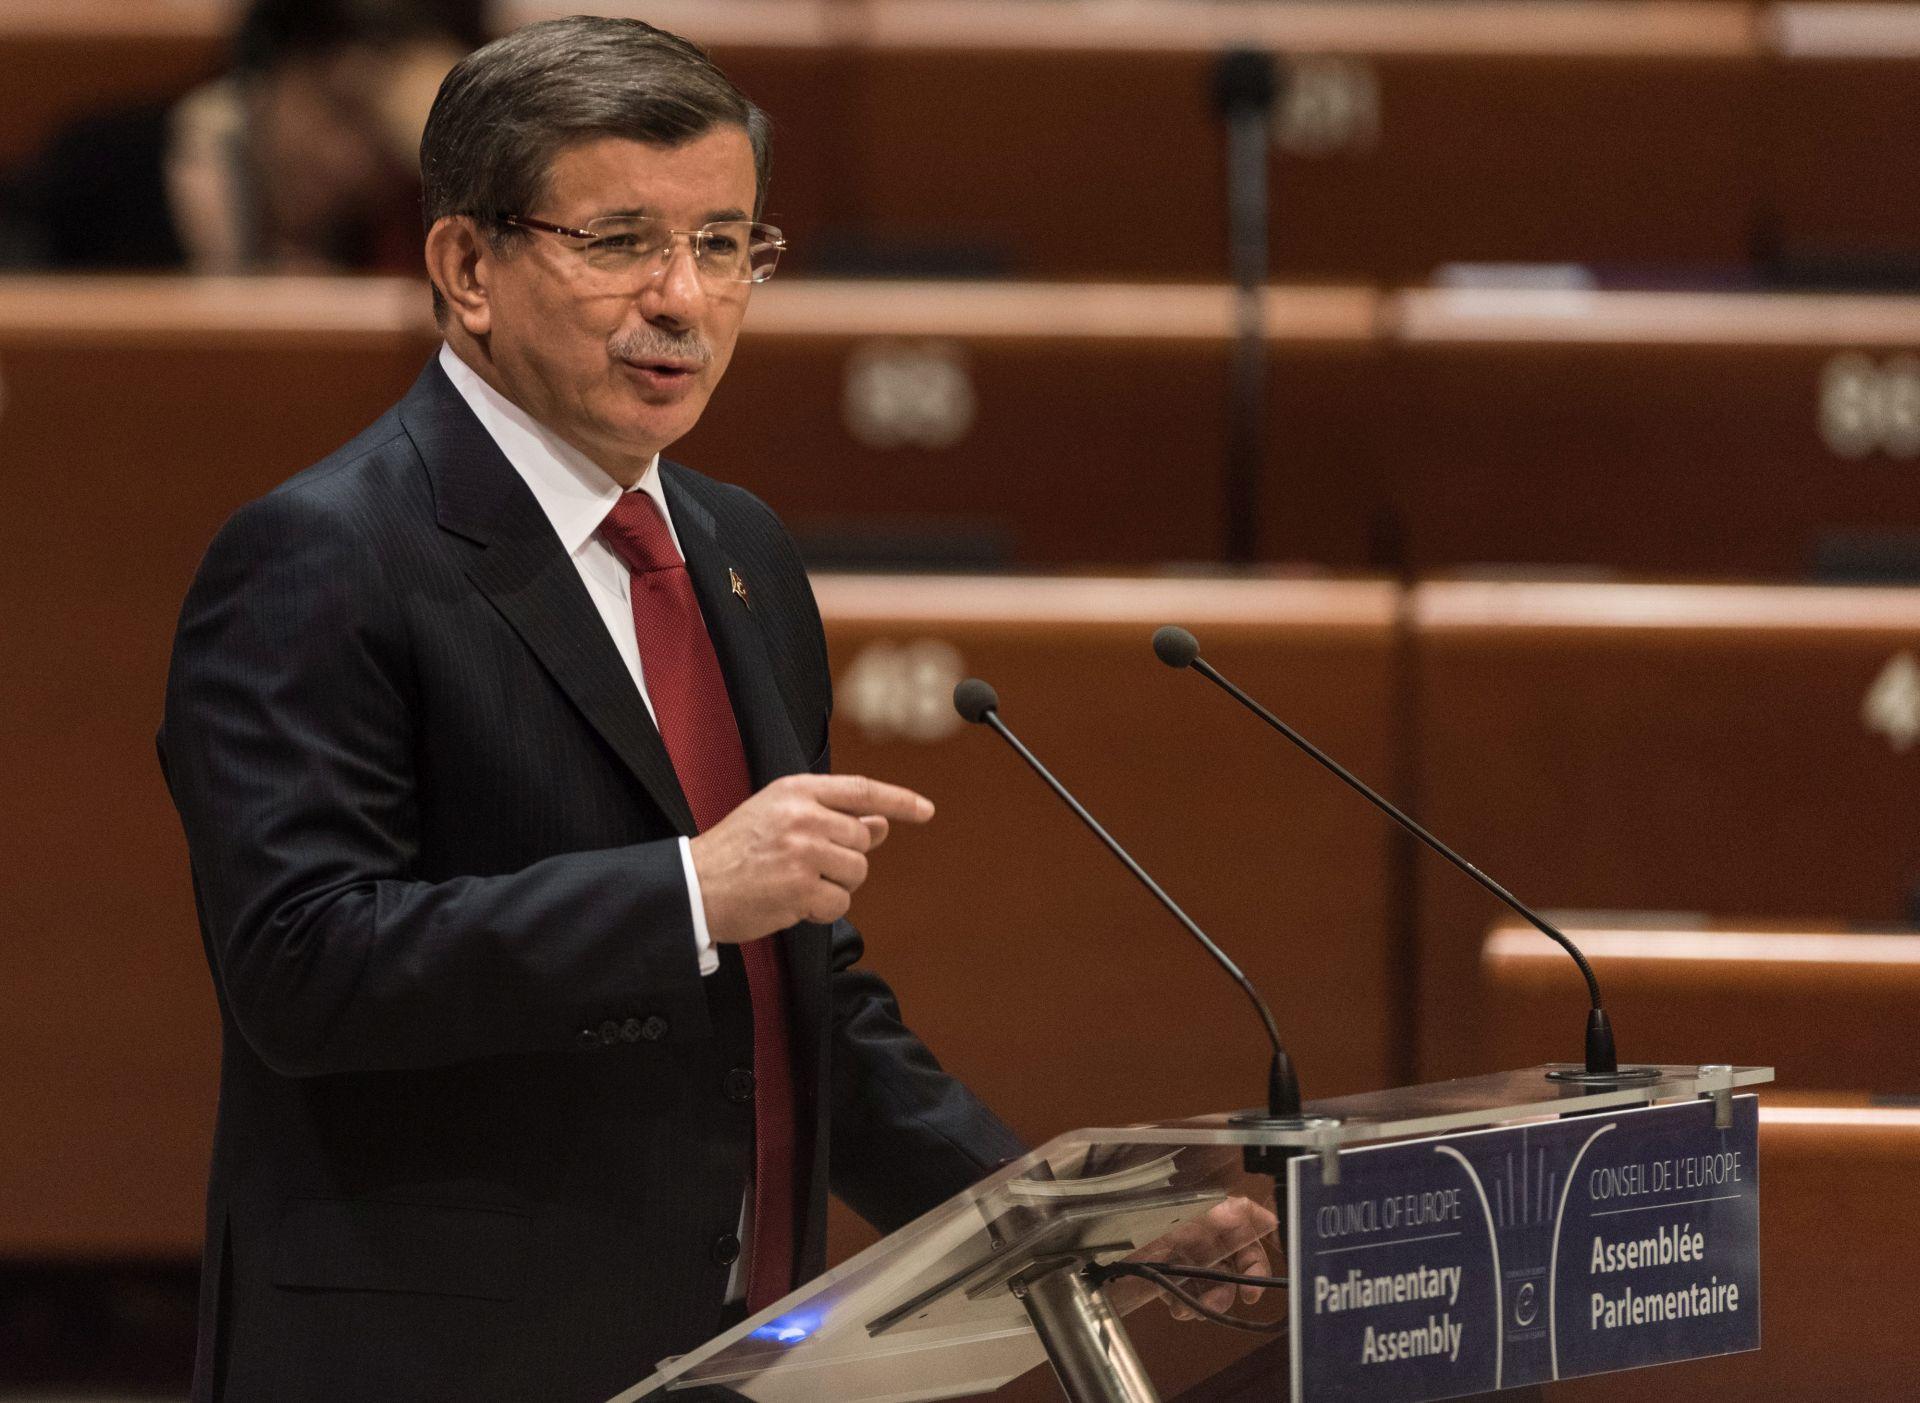 EU: Ne zna se hoće li Davutogluov odlazak imati utjecaja na sporazum EU-Turska